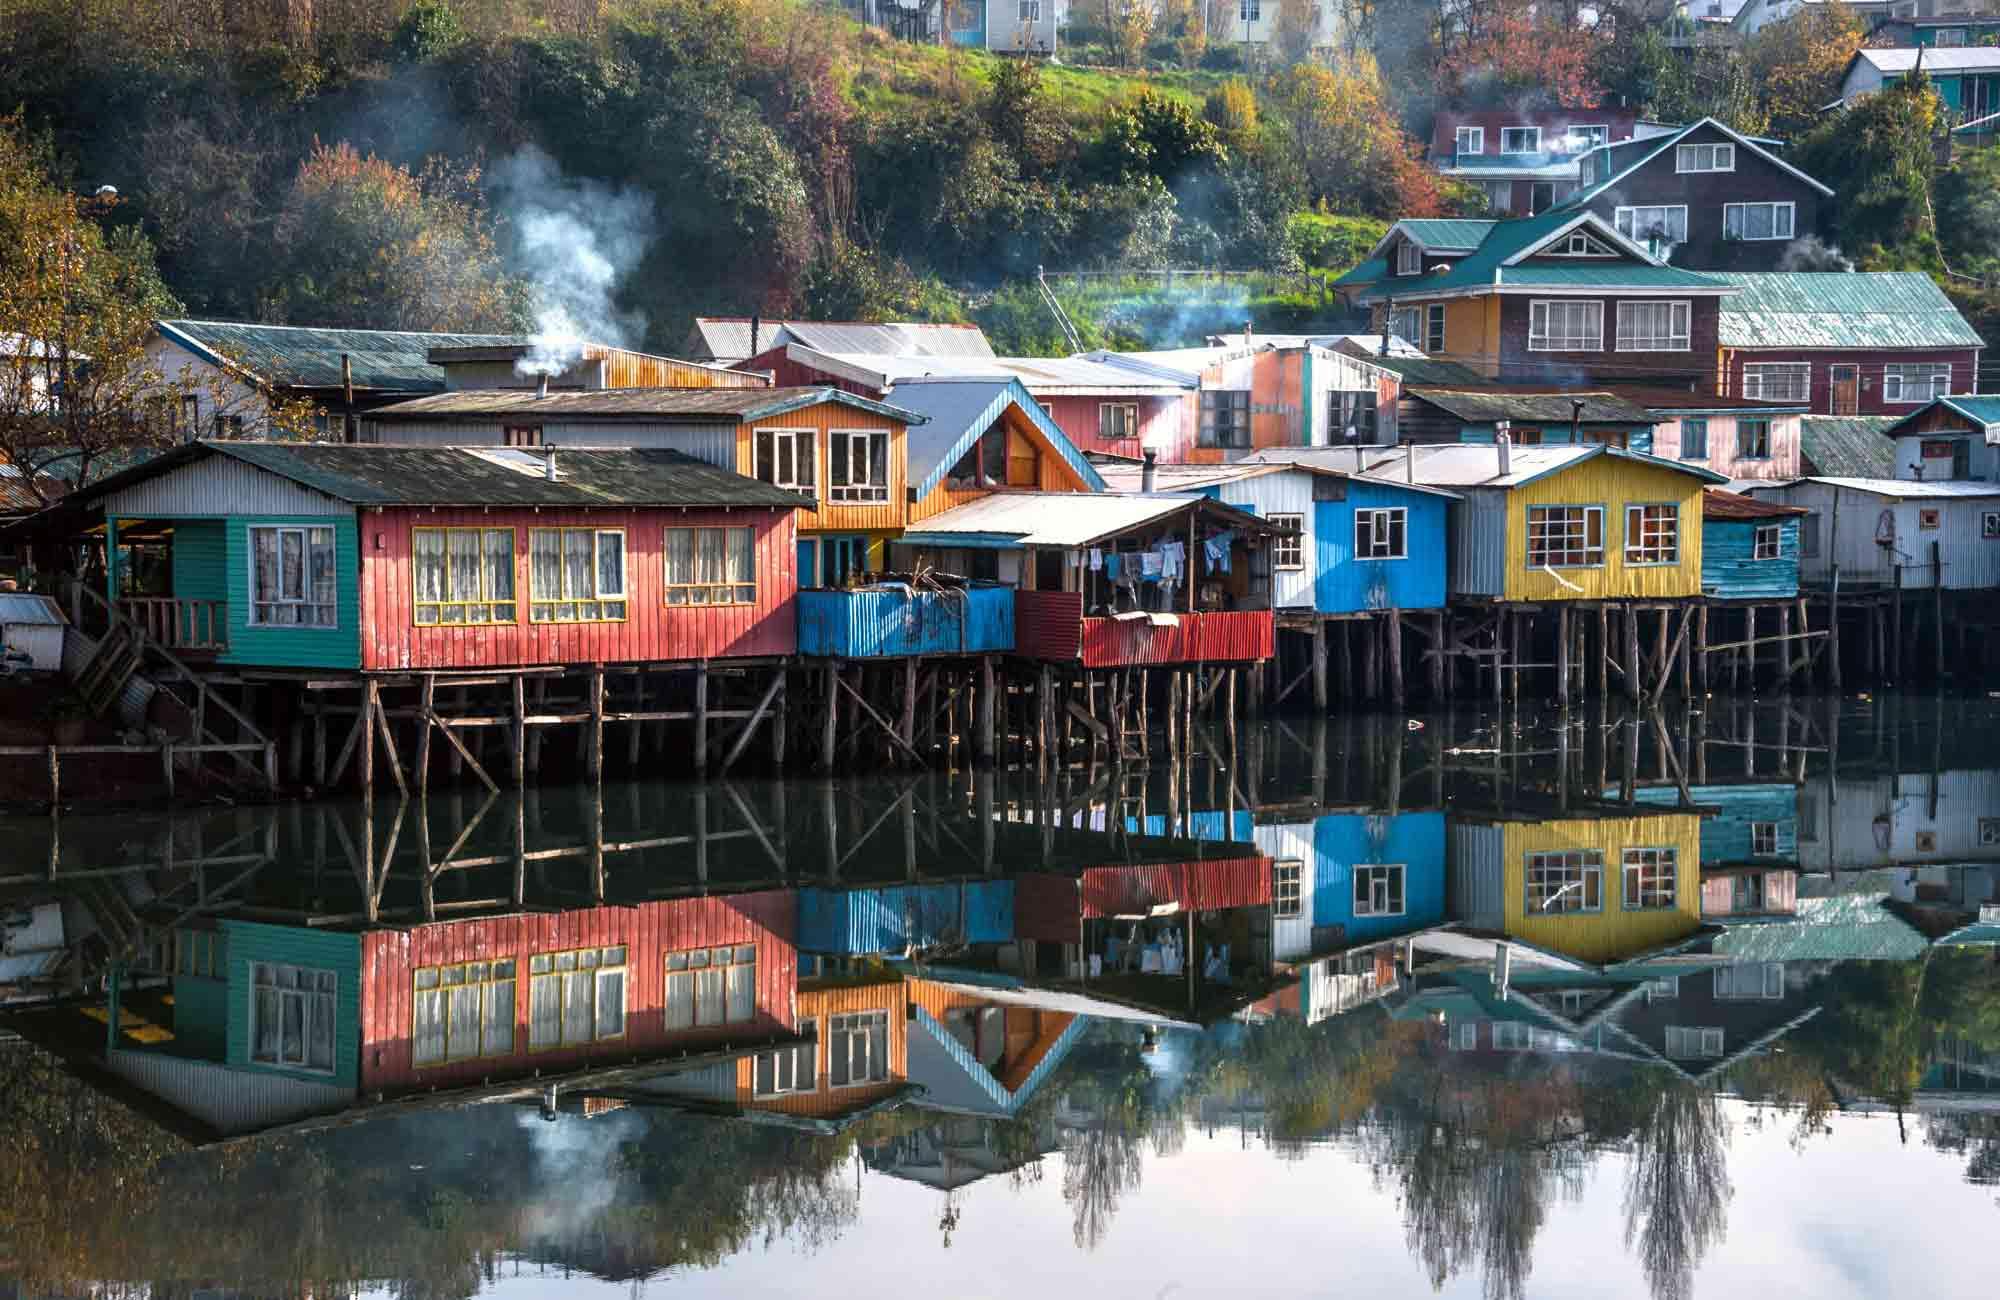 Voyage Chili - Castro Ile de Chiloe Maisons sur Pilotis - Amplitudes